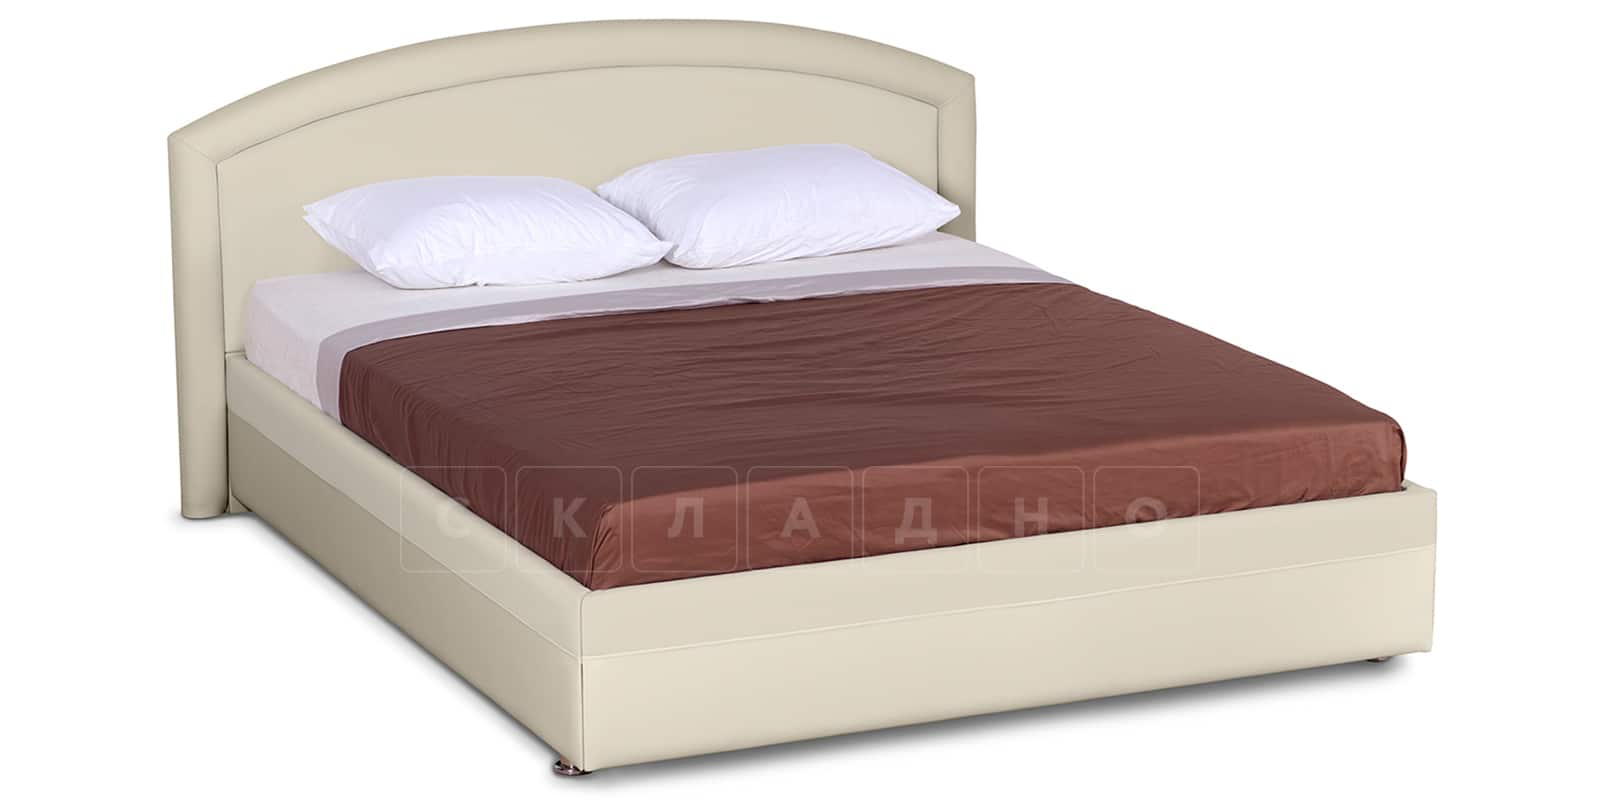 Мягкая кровать Малибу 160см экокожа бежевый вариант 8-2 фото 1 | интернет-магазин Складно